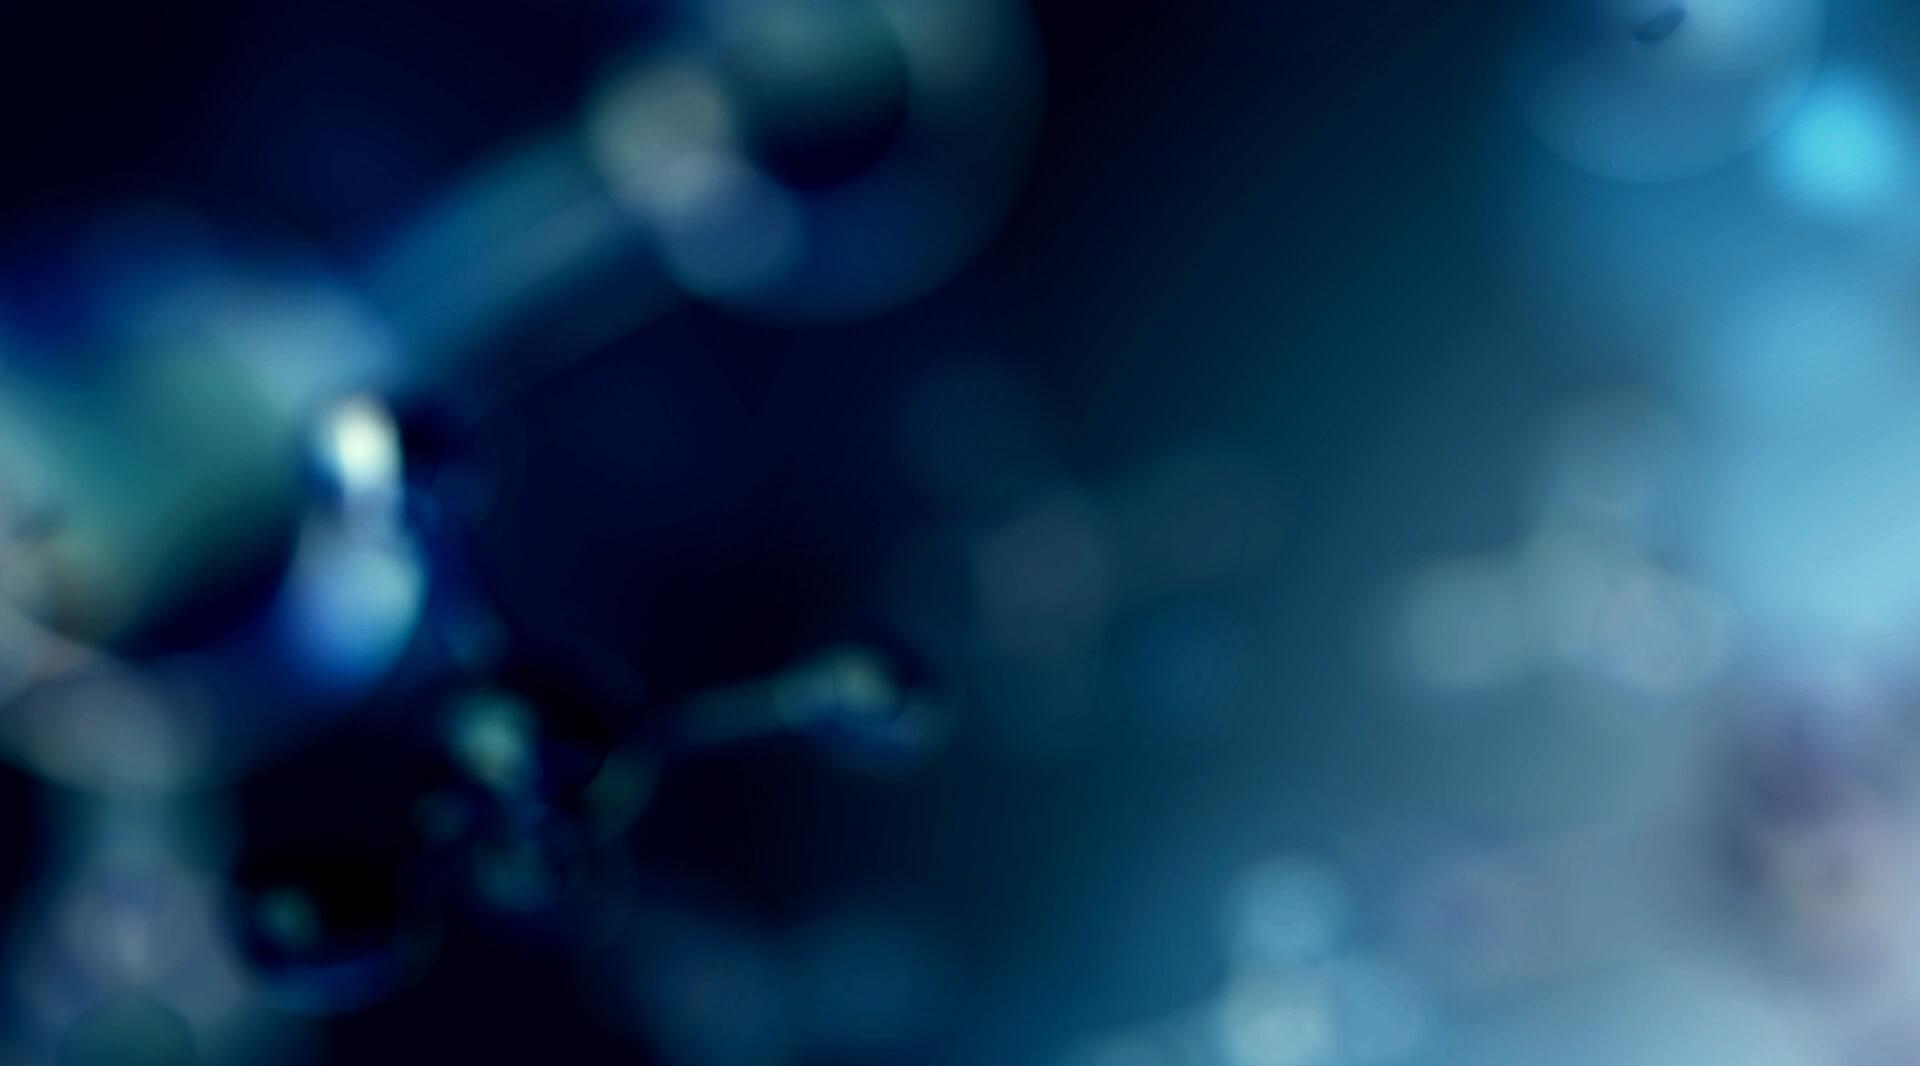 """חוקרים בפקולטה לכימיה ע""""ש שוליך בטכניון פיתחו מערכת חדשה לייצור מימן ממים בהשקעה אנרגטית נמוכה ובאמצעות חומרים זמינים וזולים."""